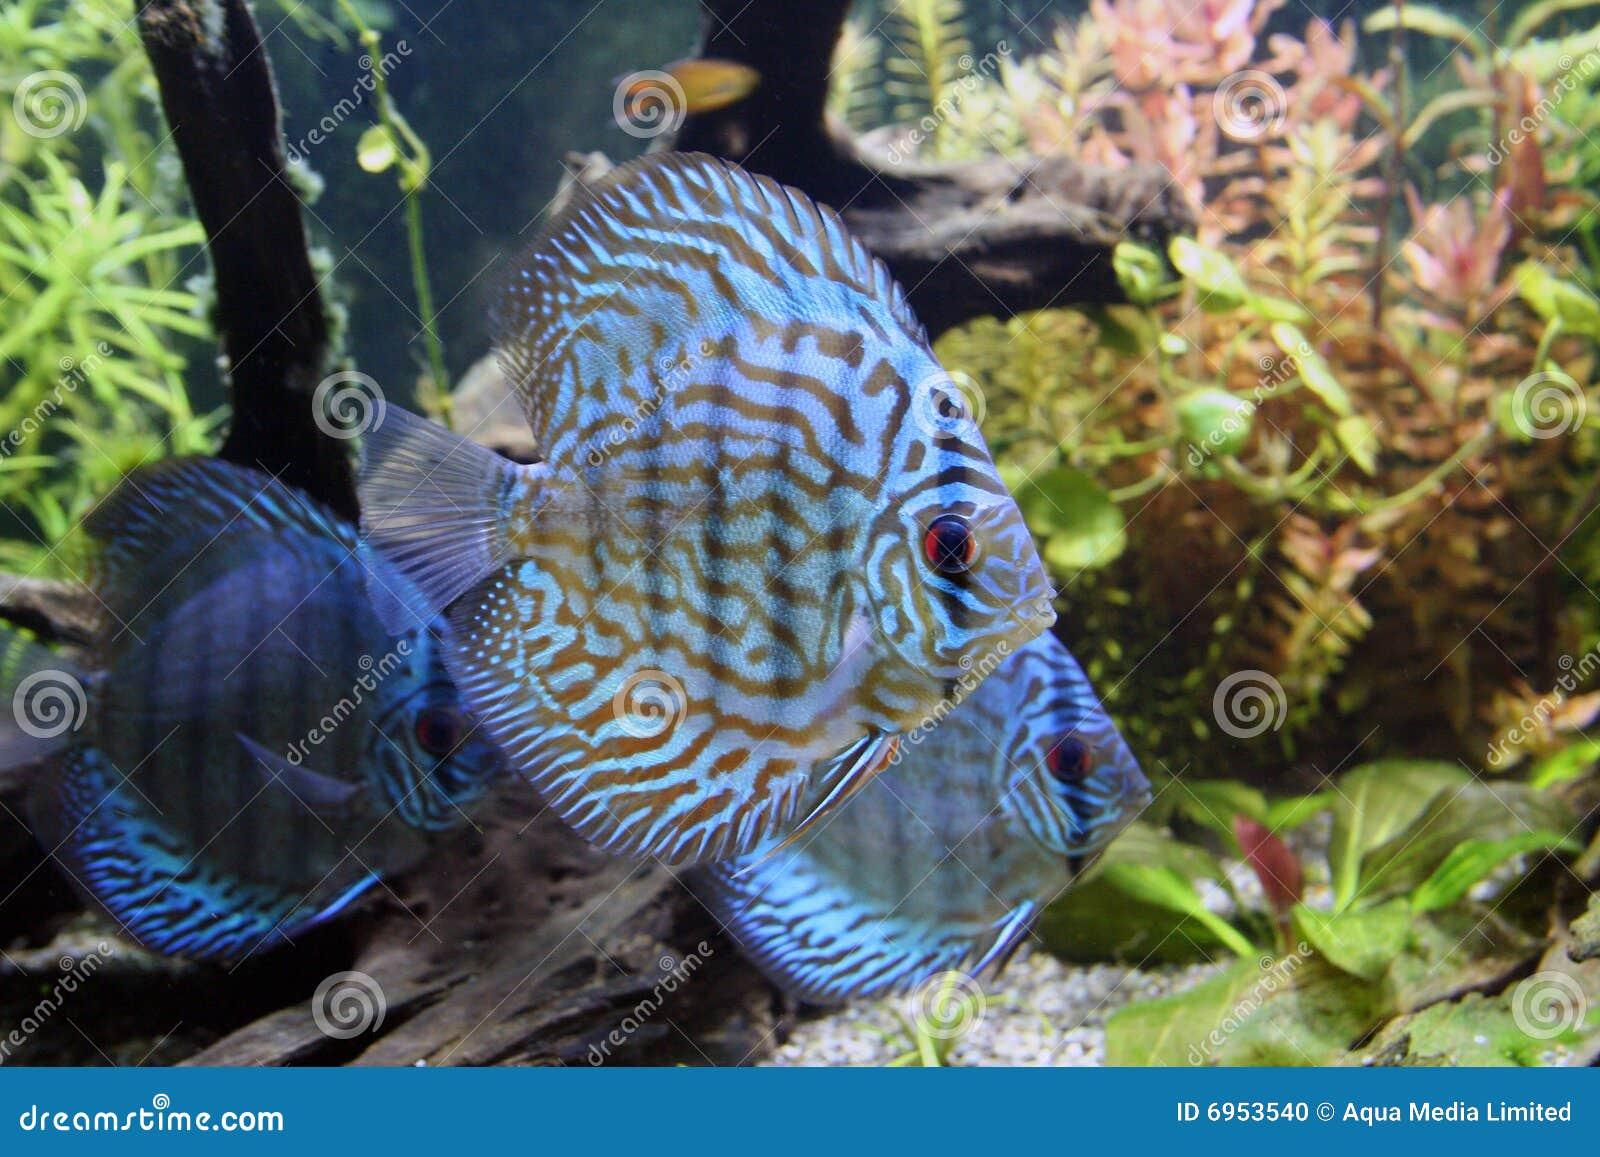 Blue discus aquarium fish stock photo image 6953540 for Blue freshwater fish